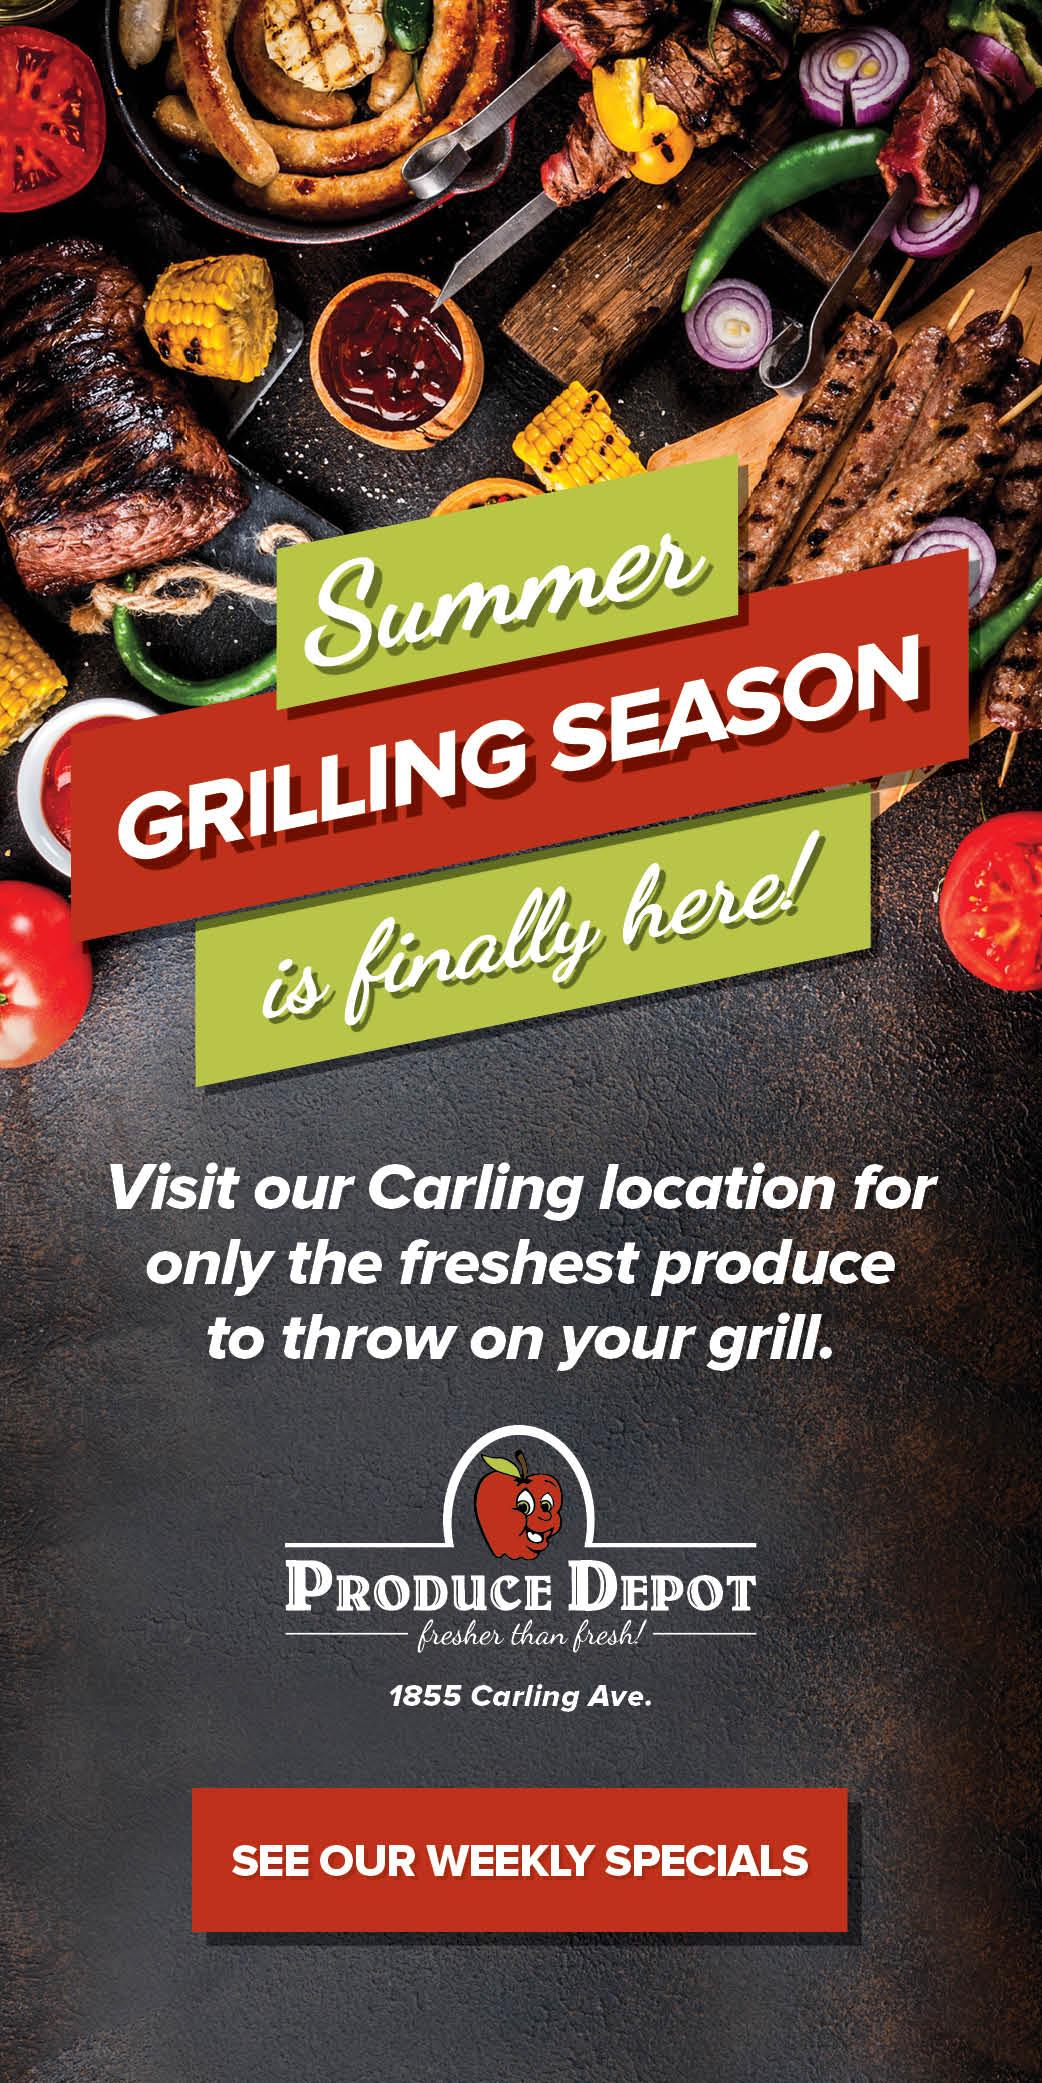 It's Grilling Season!